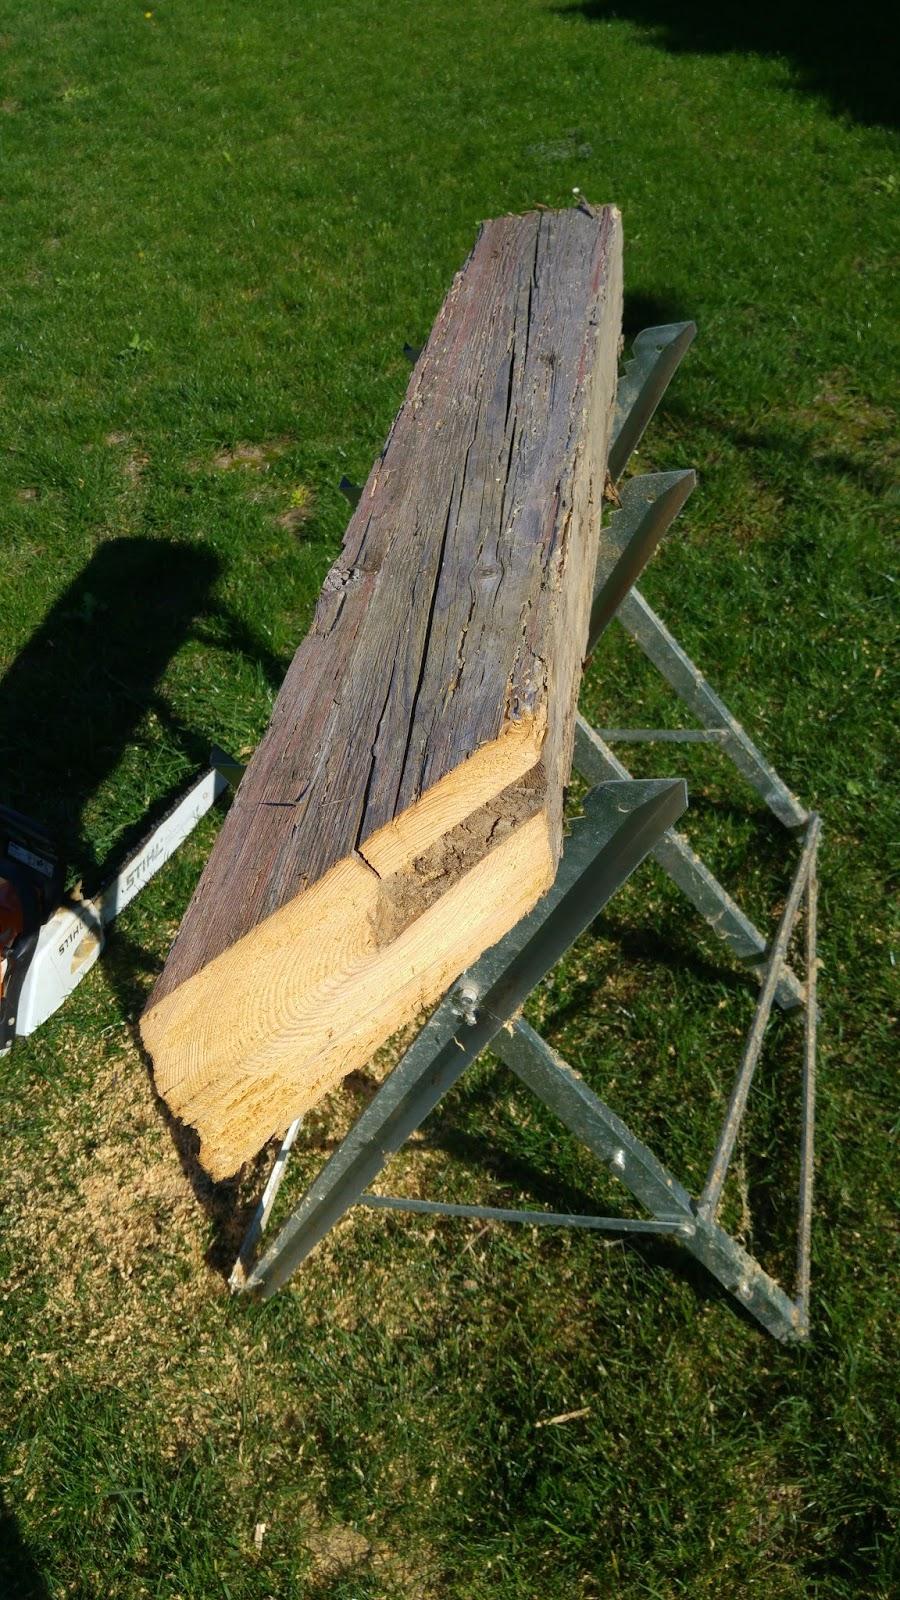 Holz Metall Und Smart Home Holzlaterne Bauen